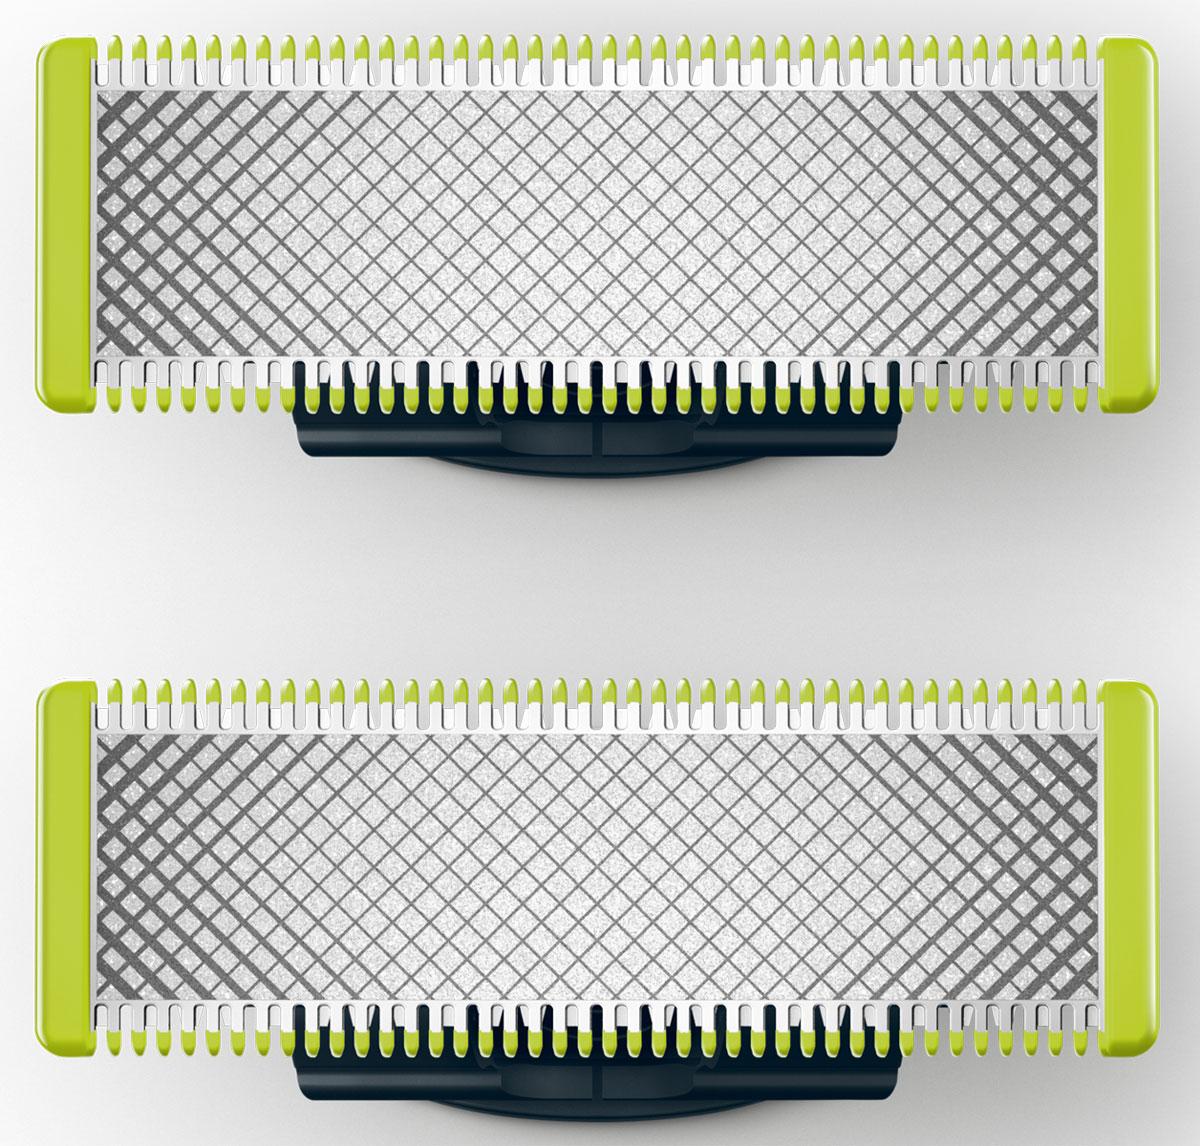 Сменные лезвия Philips QP220/50 для OneBlade и OneBlade Pro, 2 шт.QP220/50Сменное лезвие для Philips OneBlade прослужит до 4 месяцев при бритье в среднем два раза в неделю, а заменить его очень легко!Philips OneBlade - это новый революционный гибридный стайлер для подравнивания, создания четких контуров и бритья щетины любой длины. Забудьте об использовании множества устройств в несколько этапов.Philips OneBlade - это революционная электрическая технология, созданная для мужчин, которые носят щетину или бороду. OneBlade подравнивает, делает контуры и бреет щетину любой длины. Уникальная технология OneBlade состоит из быстро двигающегося режущего блока,который совершает 200 движений в секунду, и системы двойной защиты. Они обеспечивают эффективное и комфортное бритье даже самойдлинной щетины. OneBlade сбривает щетину не слишком близко к коже для комфортных ощущений от бритья.Создавайте четкие контуры с помощью двустороннего лезвия. Для дополнительного удобства и лучшего обзора бритву можноперемещать в любом направлении. Прибор обеспечивает комфортную процедуру даже на чувствительных участках - это простое решениедля быстрого подравнивания, чтобы ваш образ всегда оставался идеальным.Лезвия разработаны для долговечной работы. Для поддержания оптимальных результатов заменяйте лезвия раз в 4 месяца. Выполнять замену лезвий очень легко.OneBlade водонепроницаем, так что его очень легко очищать, достаточно сполоснуть водой под краном. Вы также можете выбирать любой способ бритья - с пеной или сухое бритье.